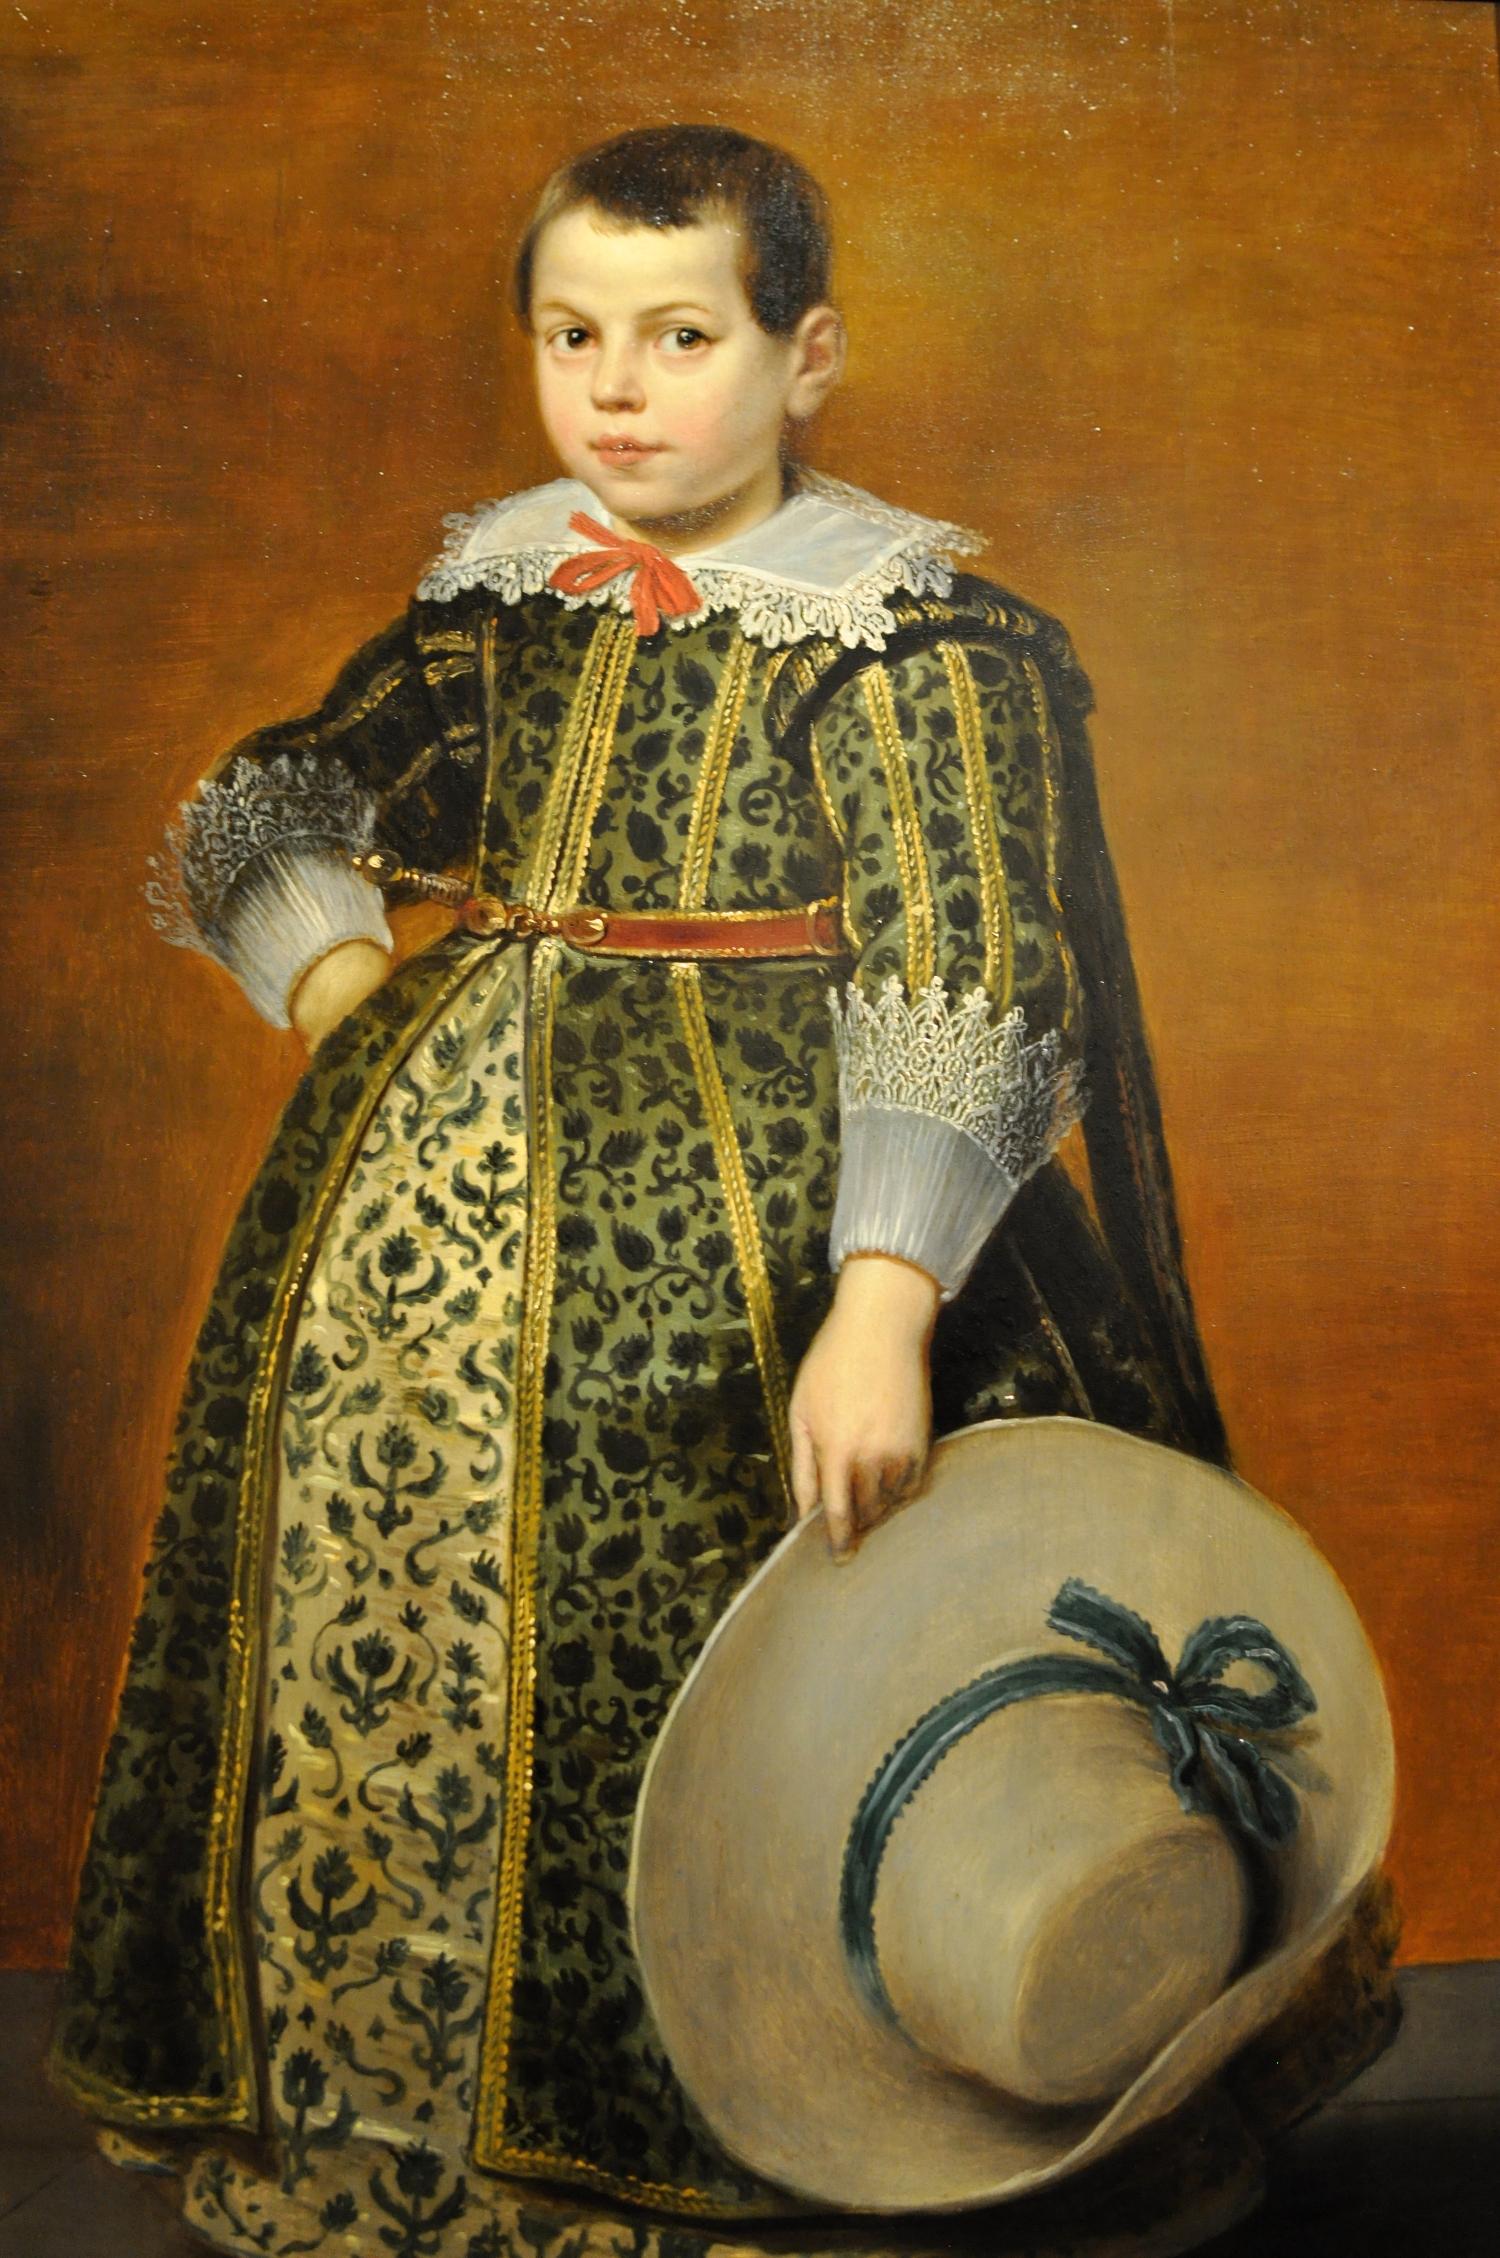 rocaille-blog-museum-fritz-mayer-van-den-bergh-anversa-antwerpen-flander-fiandre-7